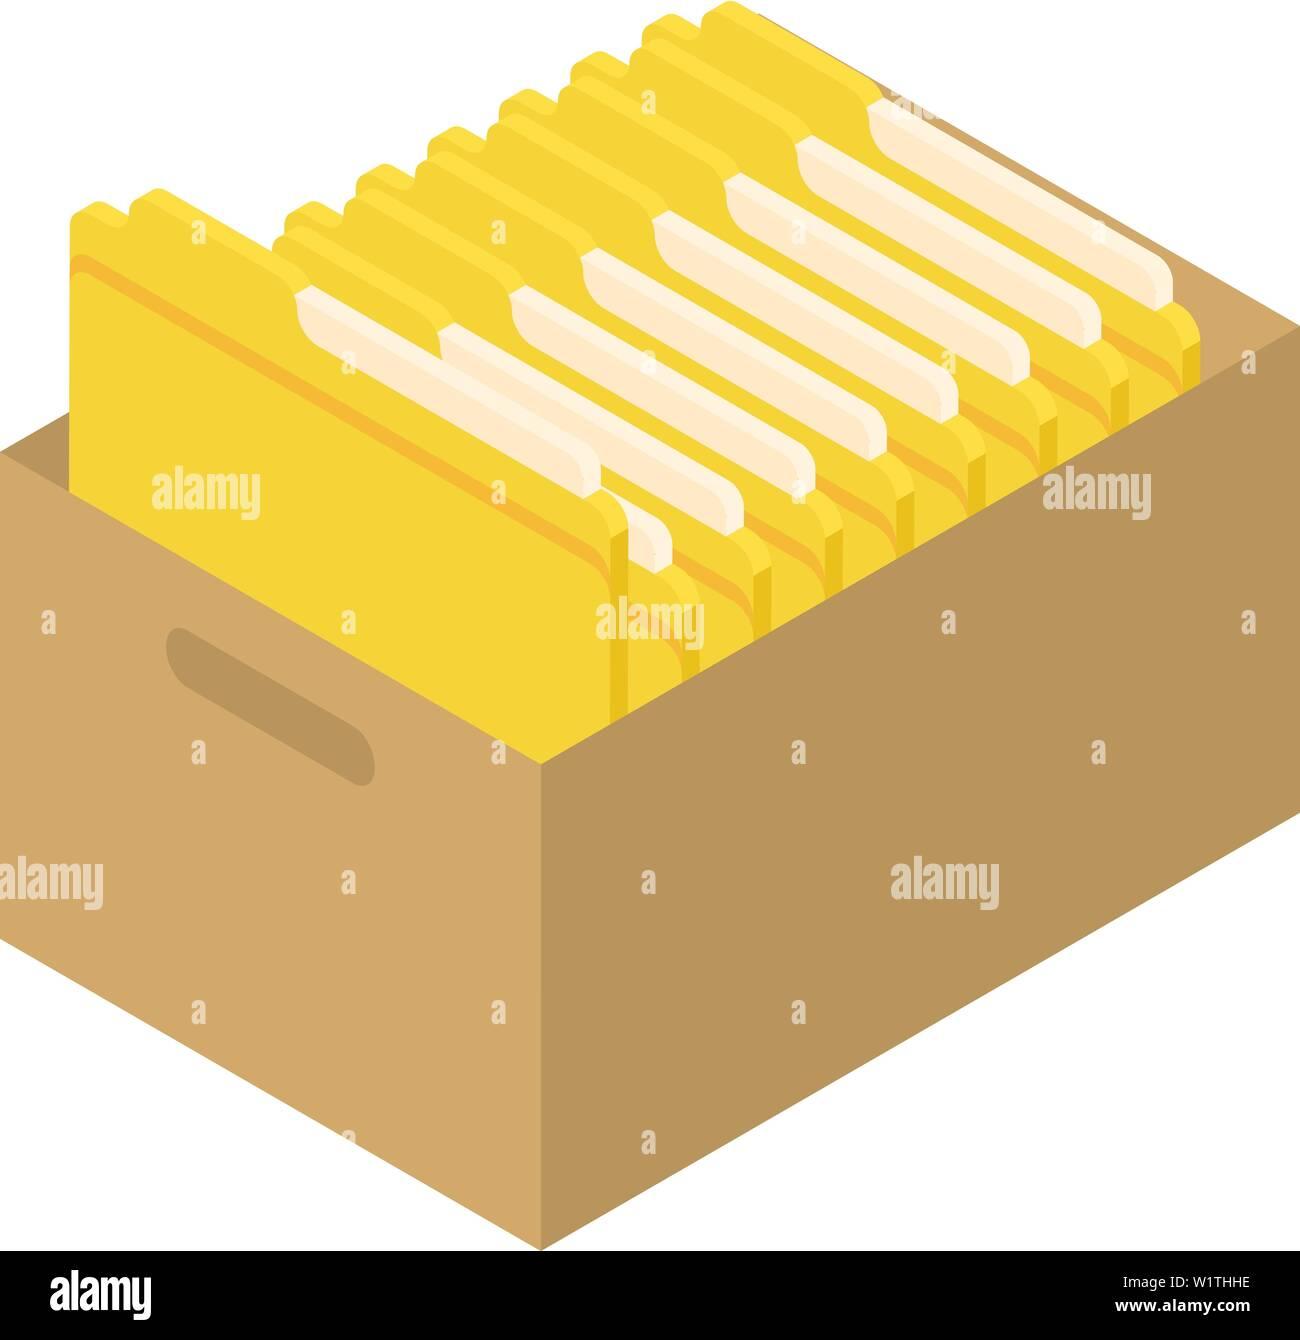 Archive folder icon, isometric style - Stock Image